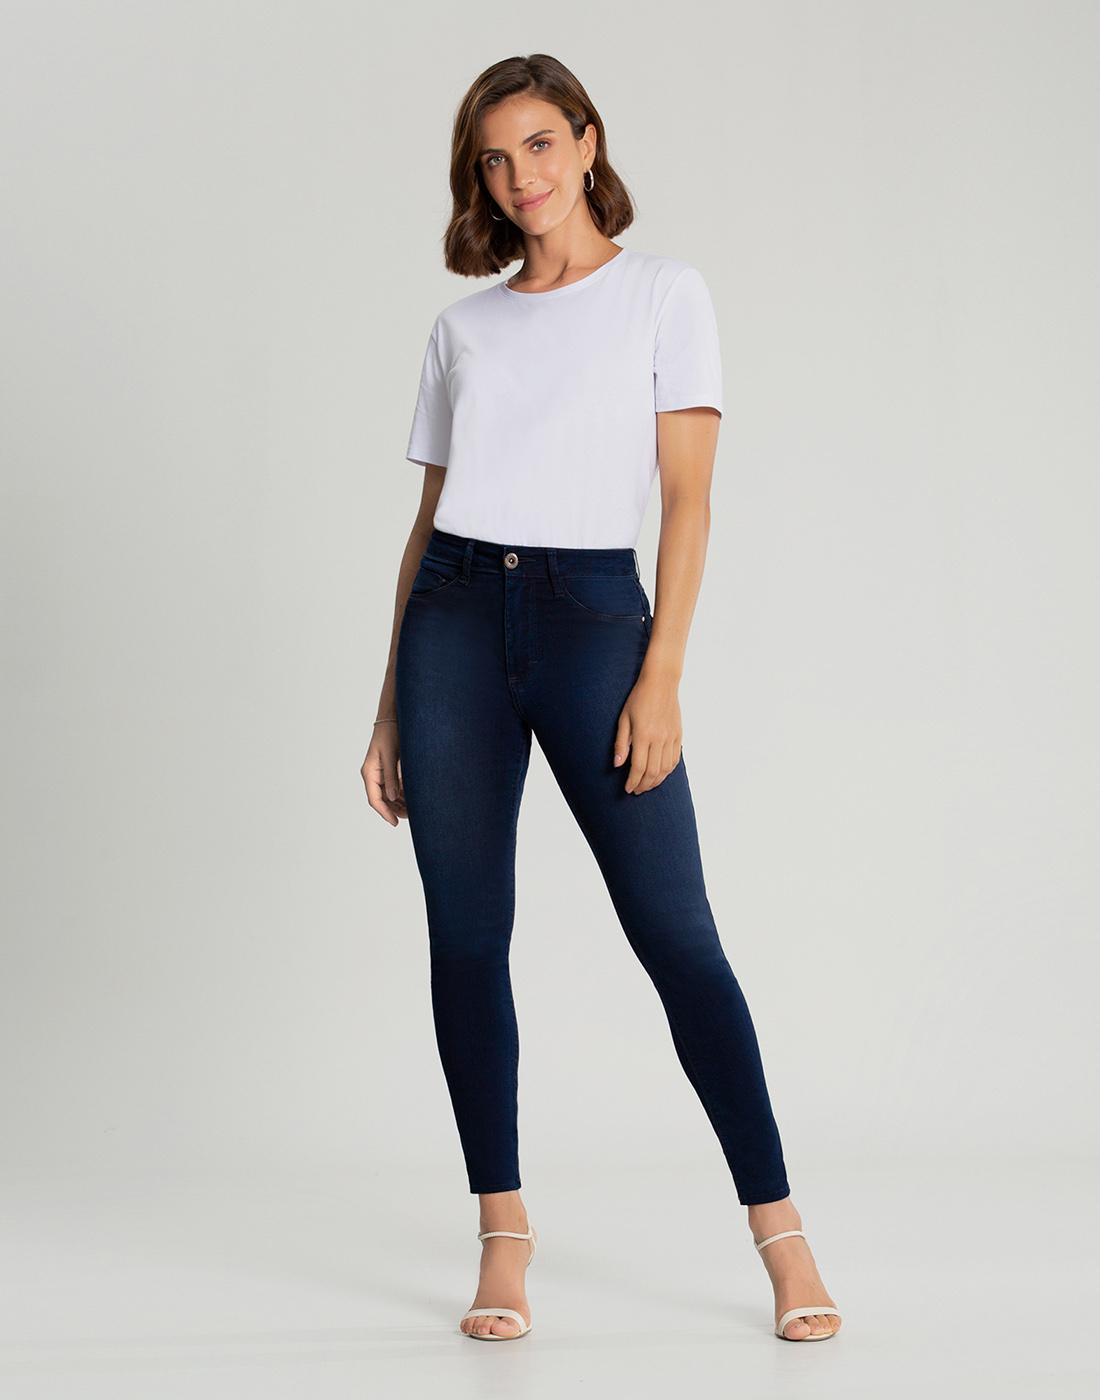 Calça Jeans Skinny Cint. Media Destroyer Fit For Me Lunender